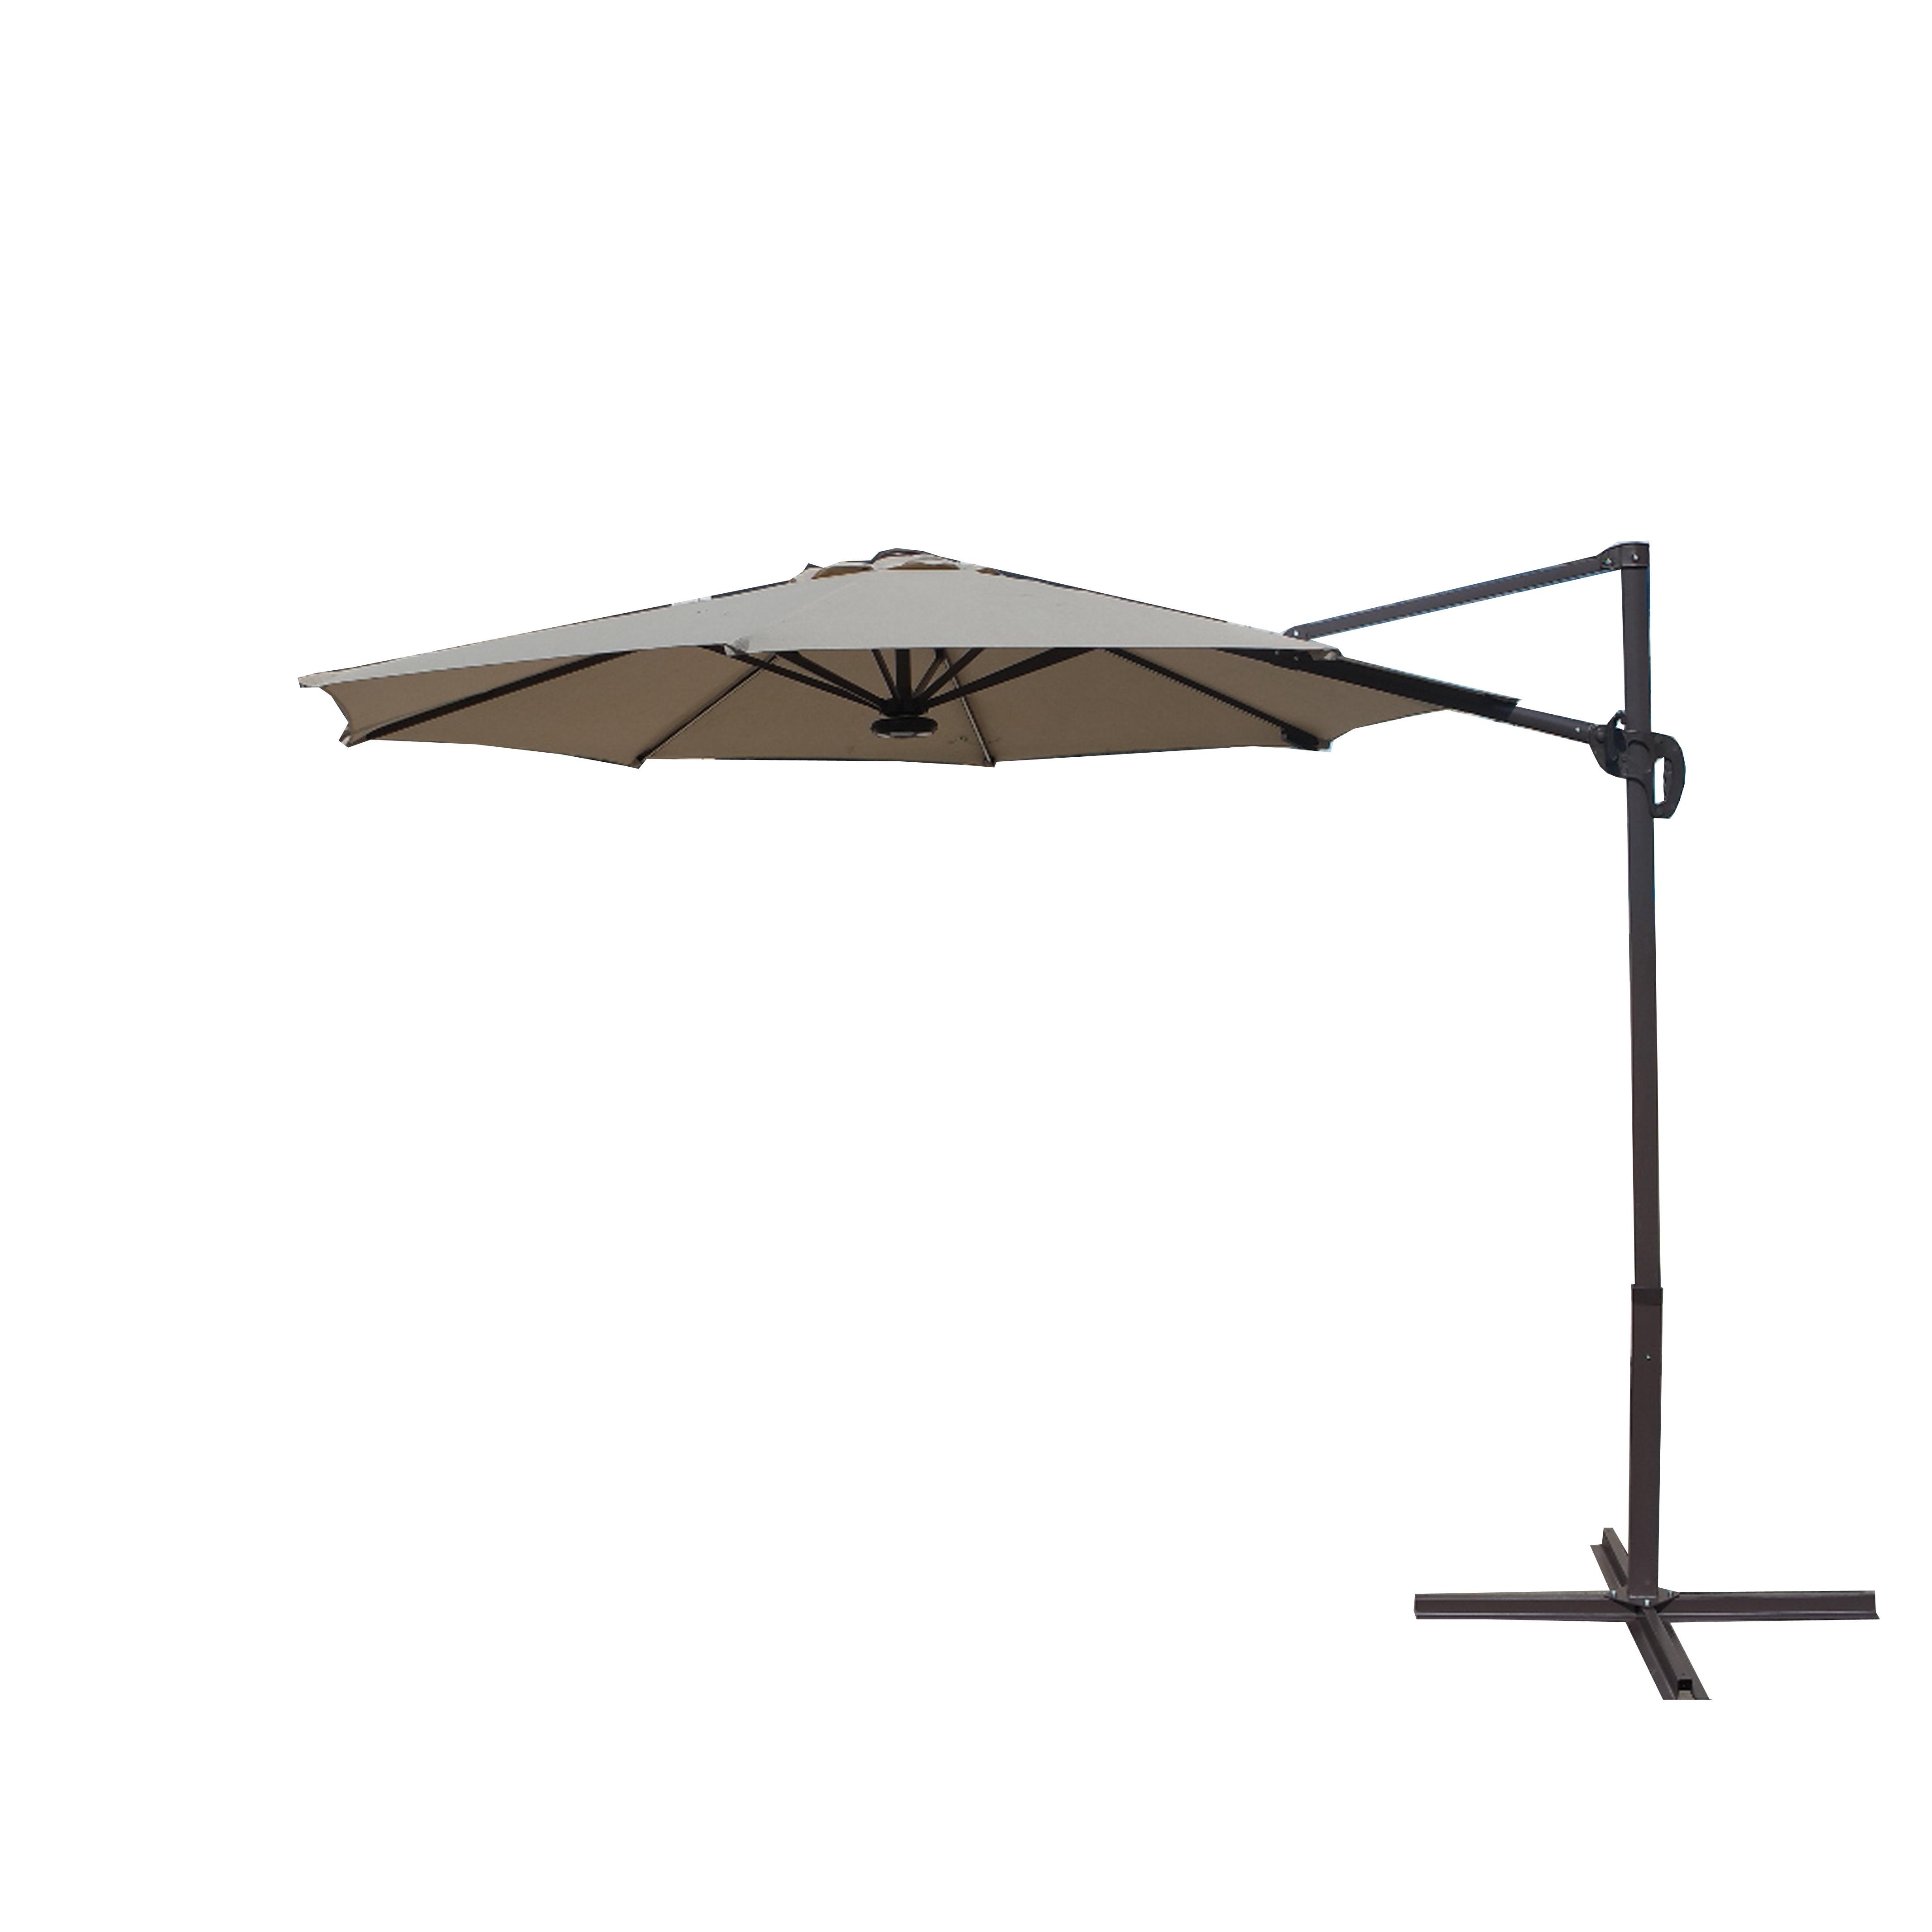 Yajaira Cantilever Umbrellas Regarding Fashionable Corbridge 9' Cantilever Umbrella (View 19 of 20)